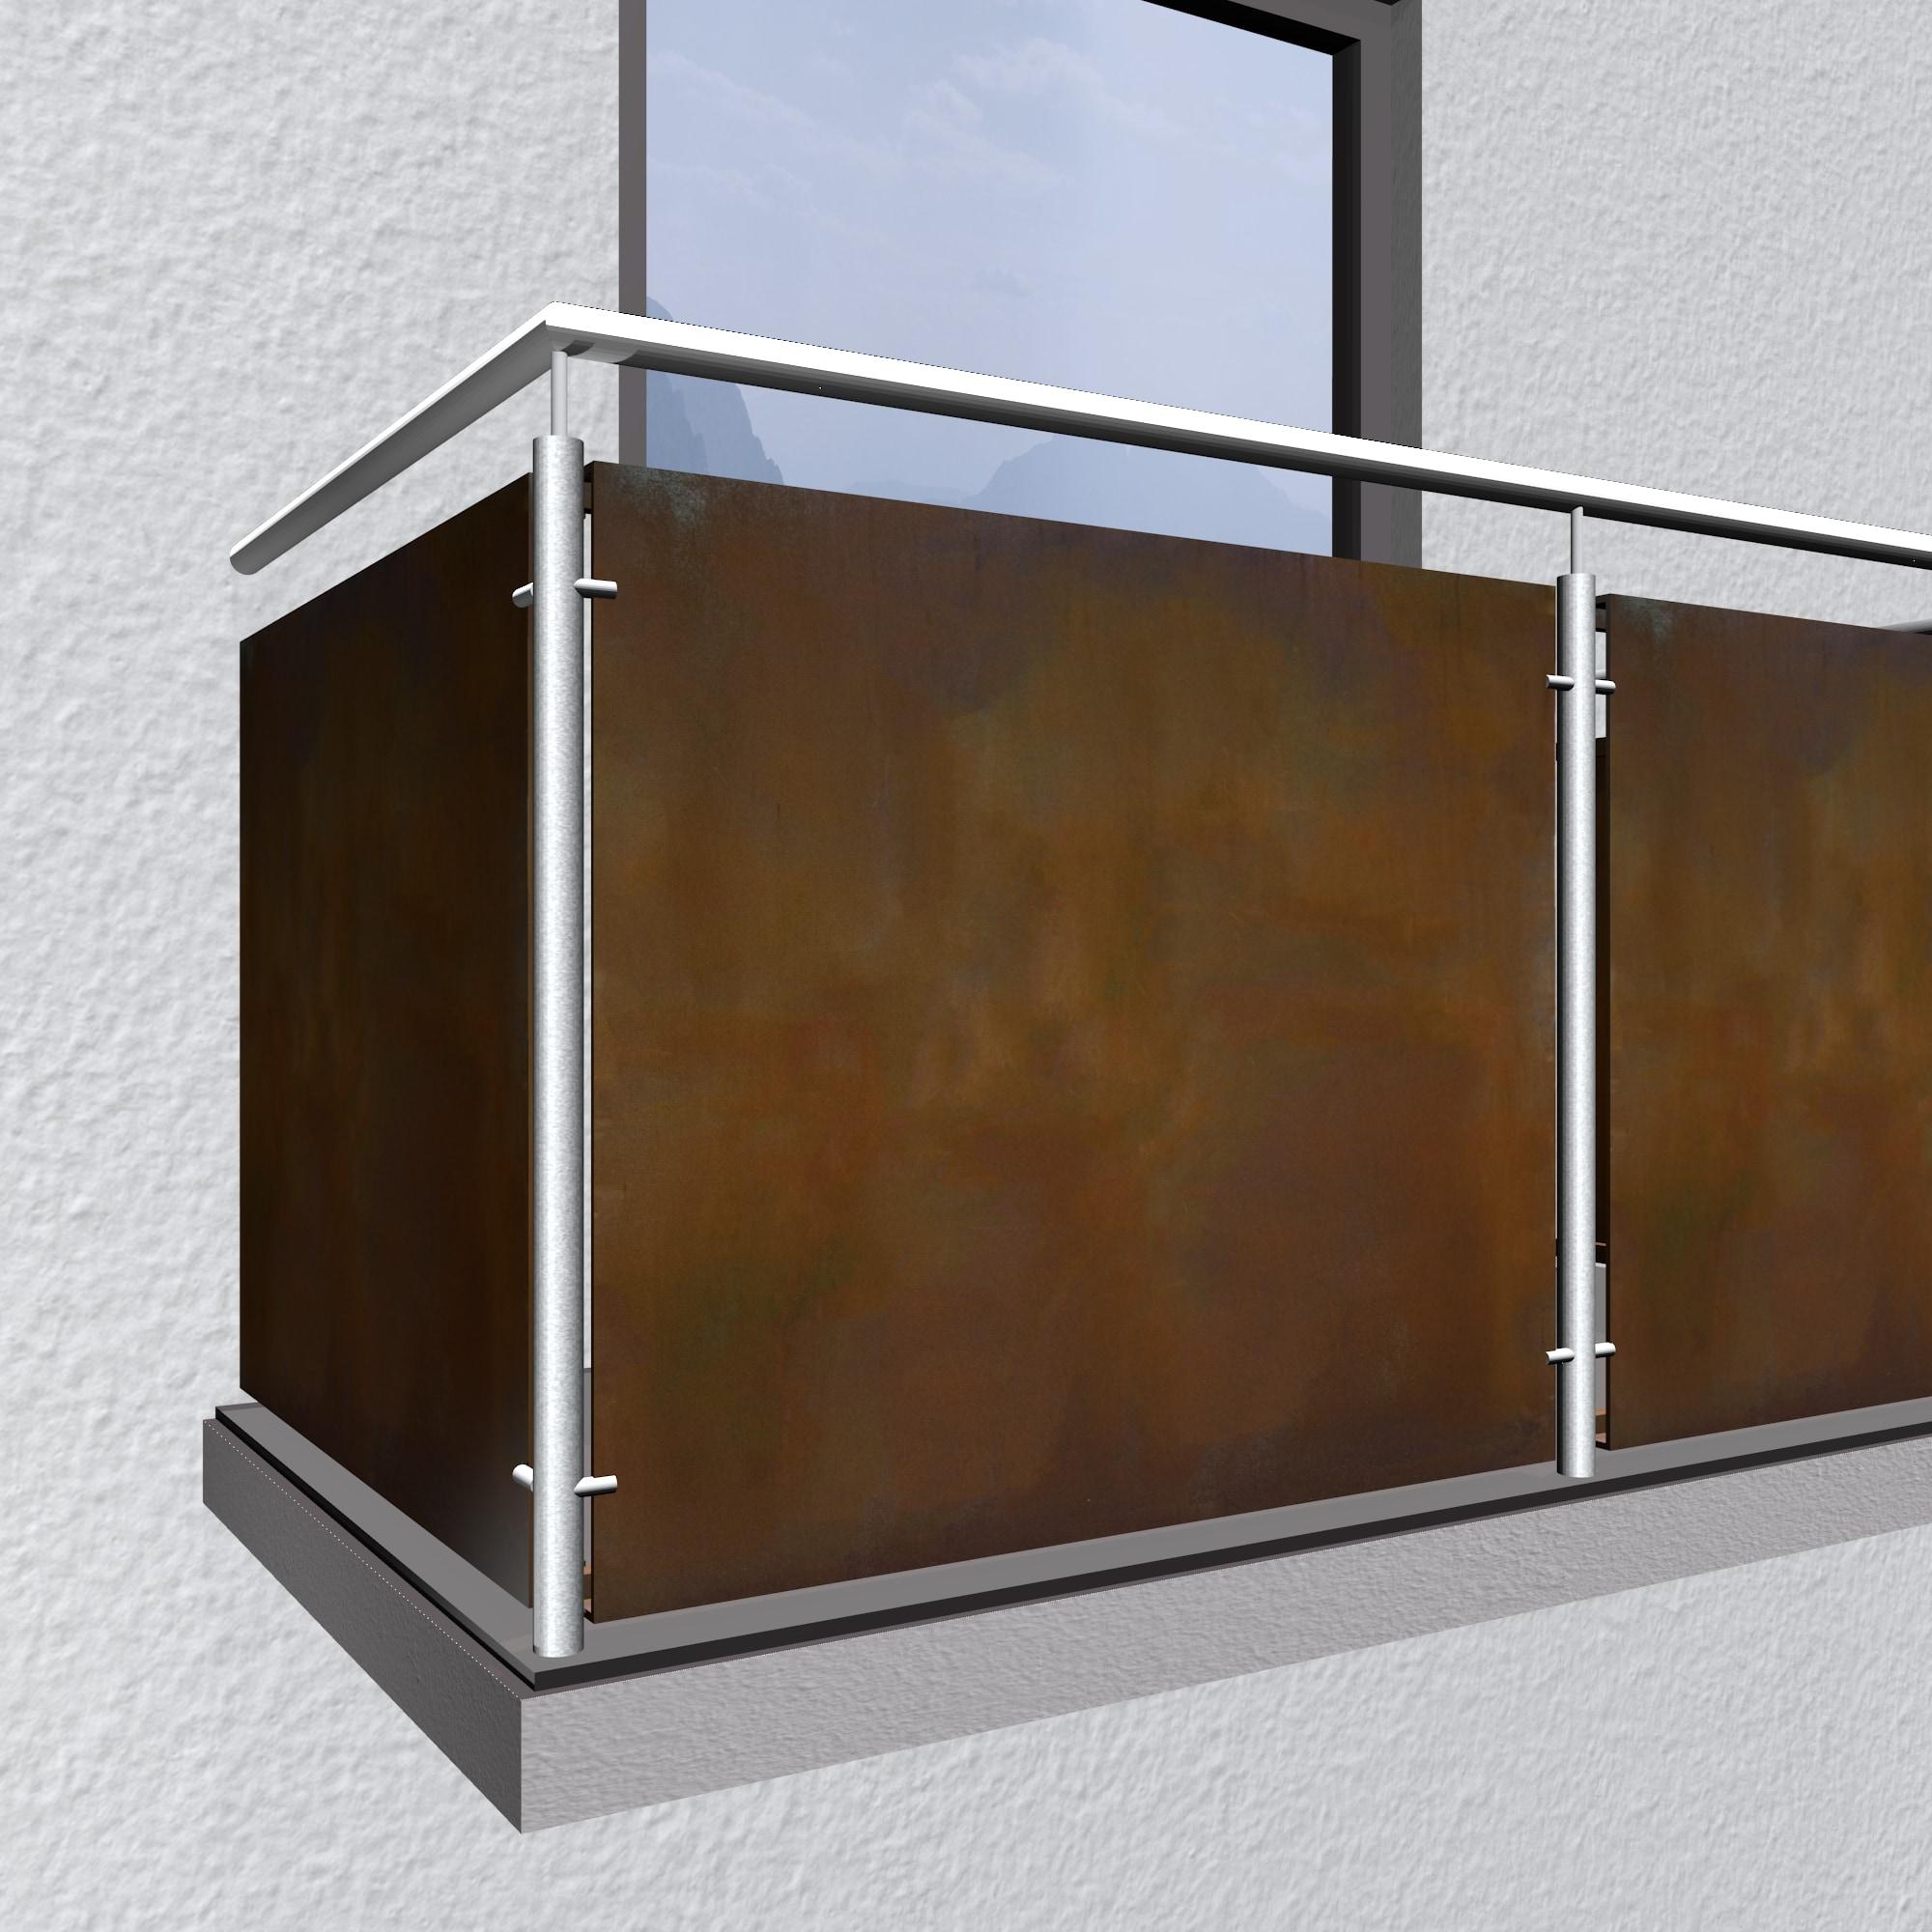 Balkonverkleidung Cortenstahl Vollblech